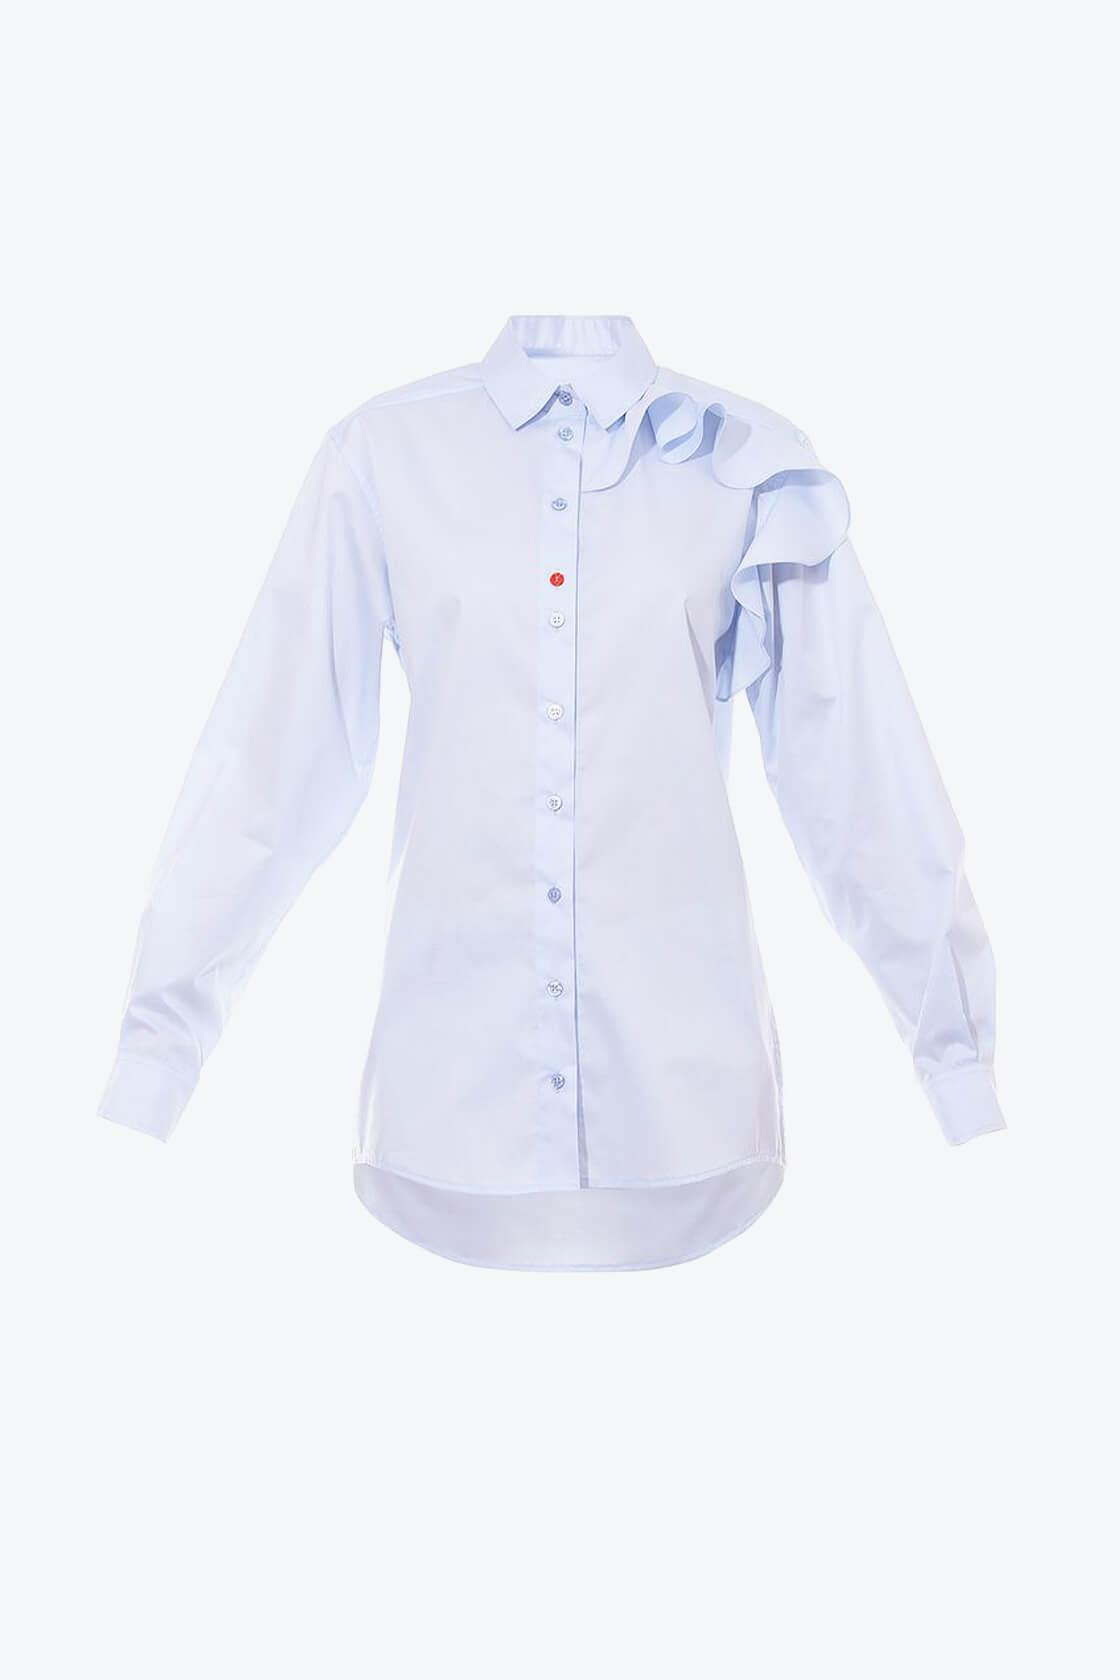 OL10000194 Ruffle blouse1